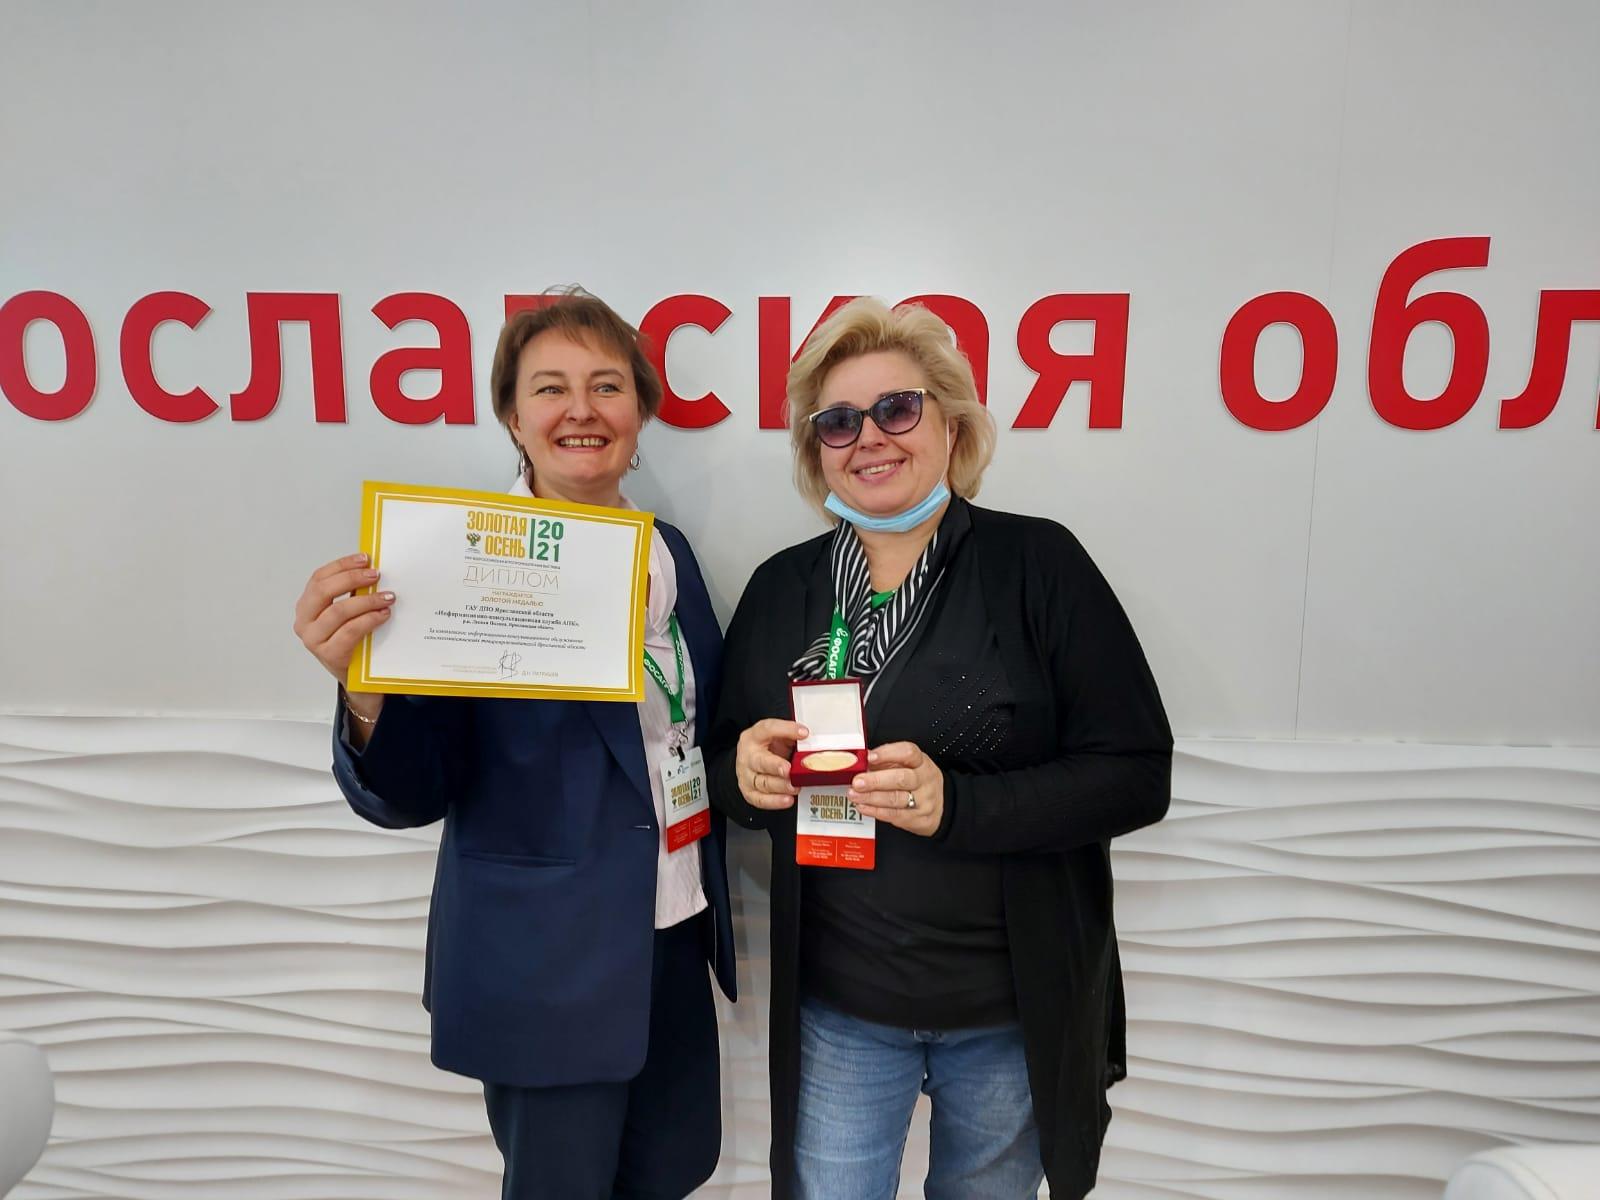 Дмитрий Миронов: качество ярославской продукции отмечено высшими наградами на Российской выставке «Золотая осень – 2021»